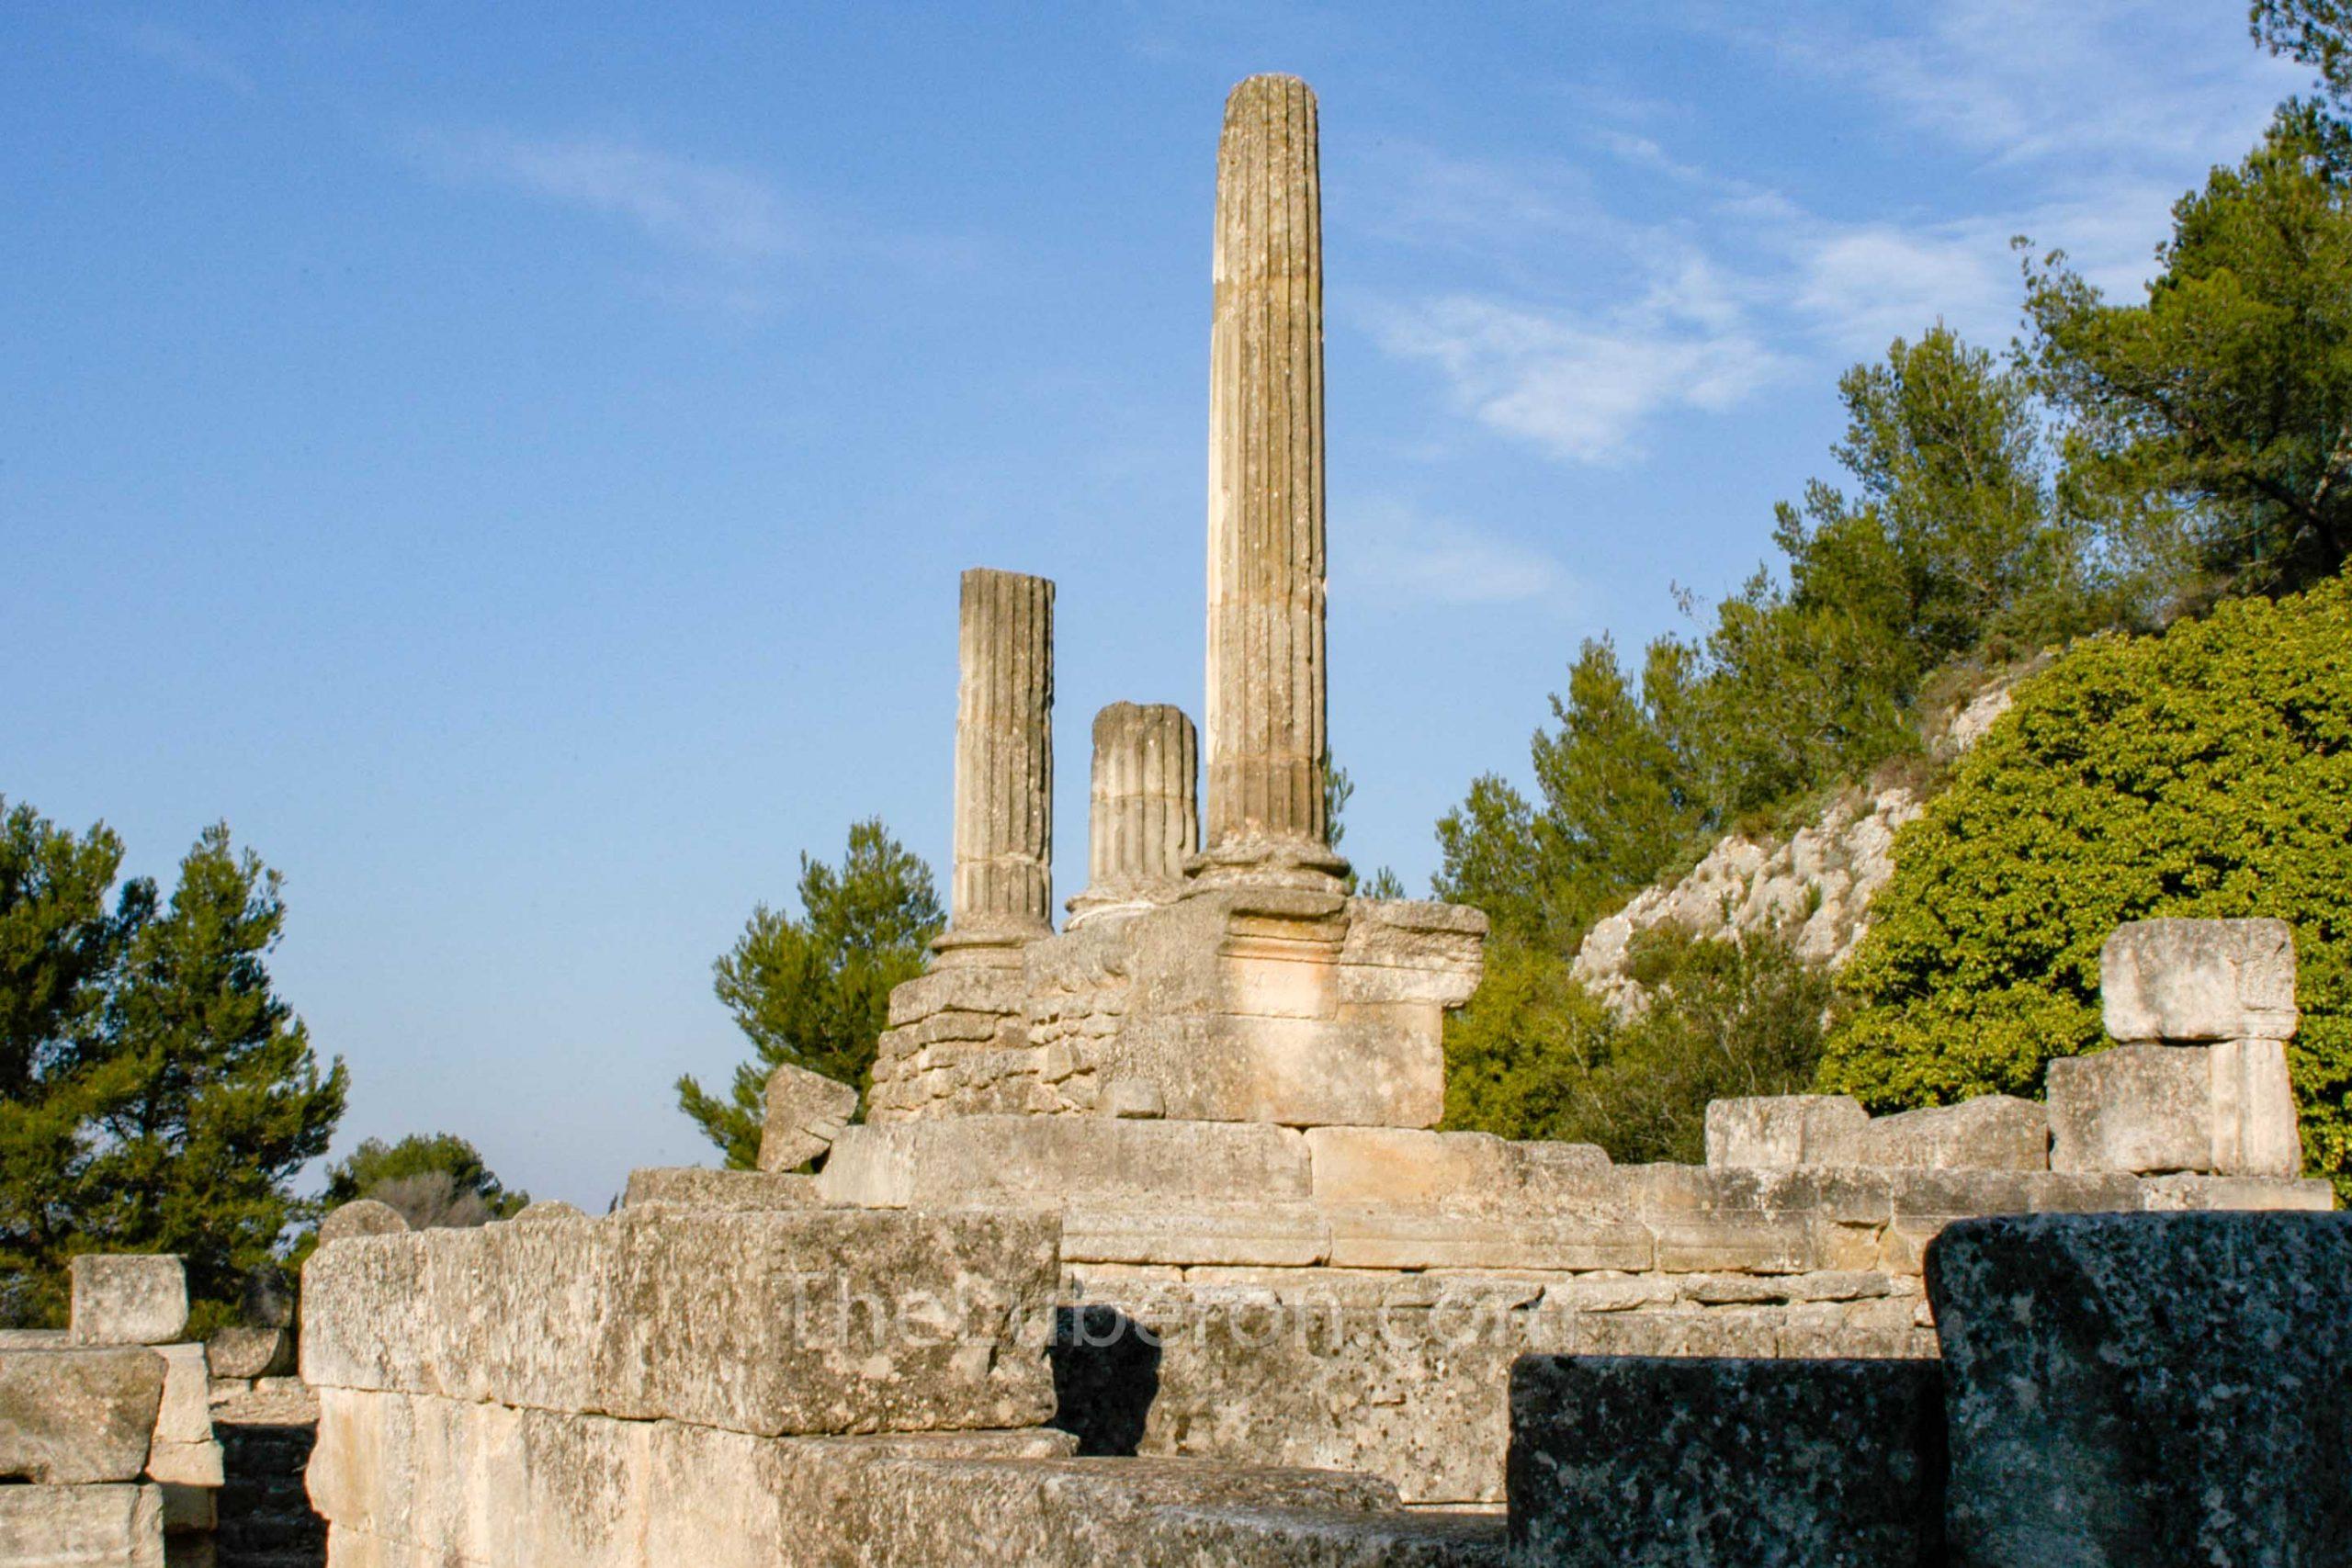 Columns at Glanum